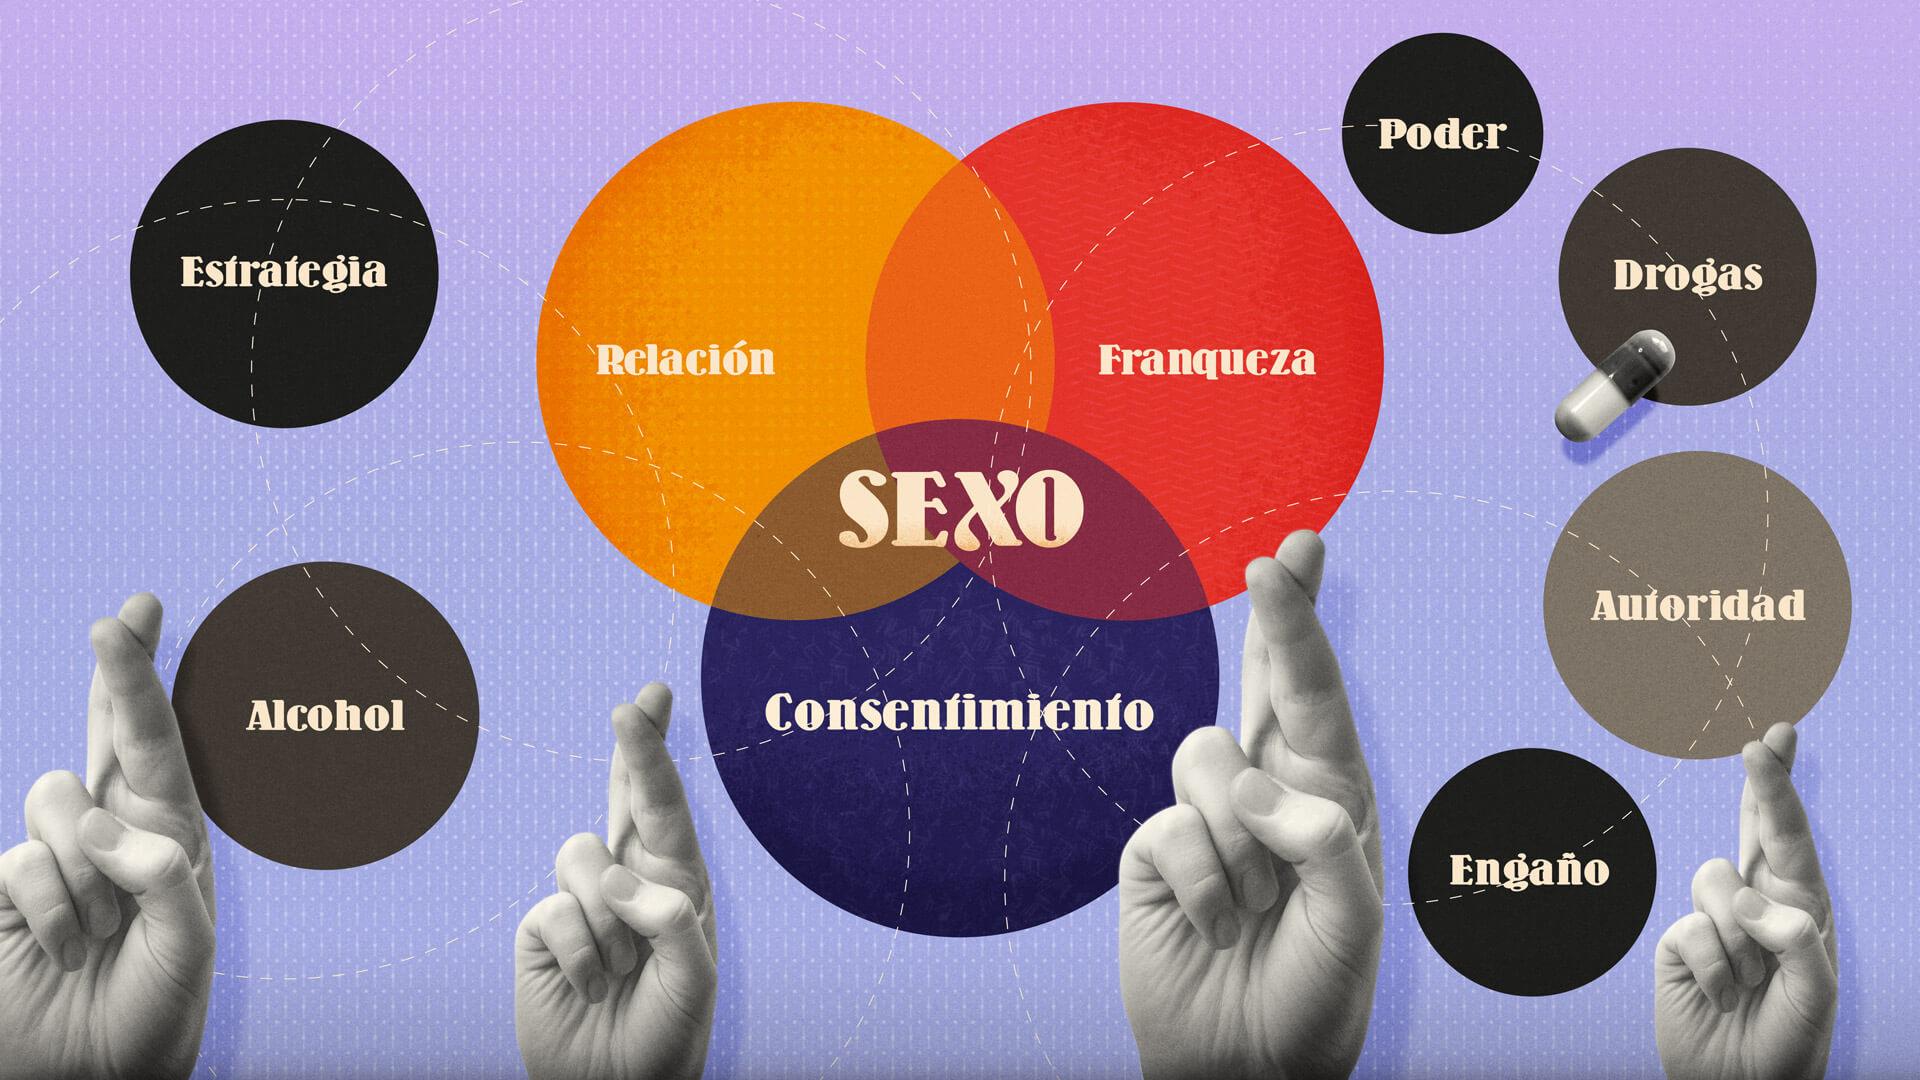 El problema del caso Salcedo Ramos y el sexo consensuado